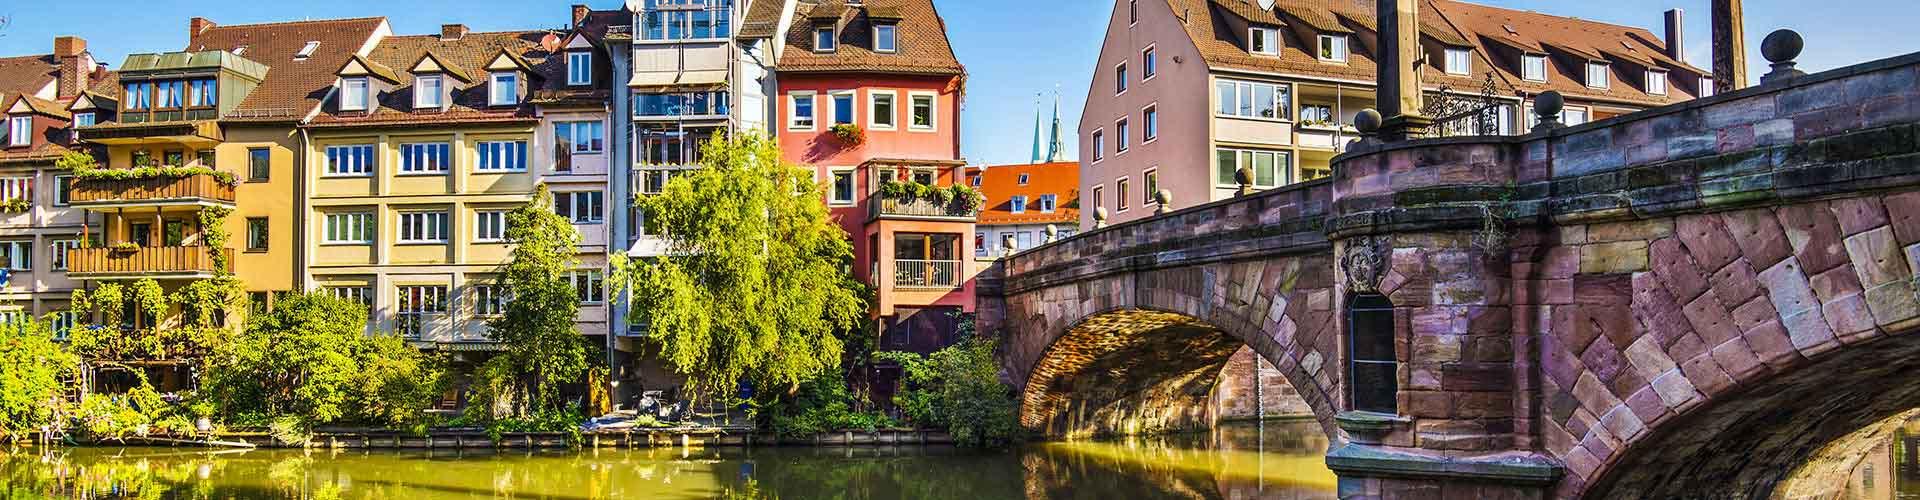 Nuremberg - Auberges de jeunesse dans le quartier de Marienvorstadt. Cartes pour Nuremberg, photos et commentaires pour chaque auberge de jeunesse à Nuremberg.